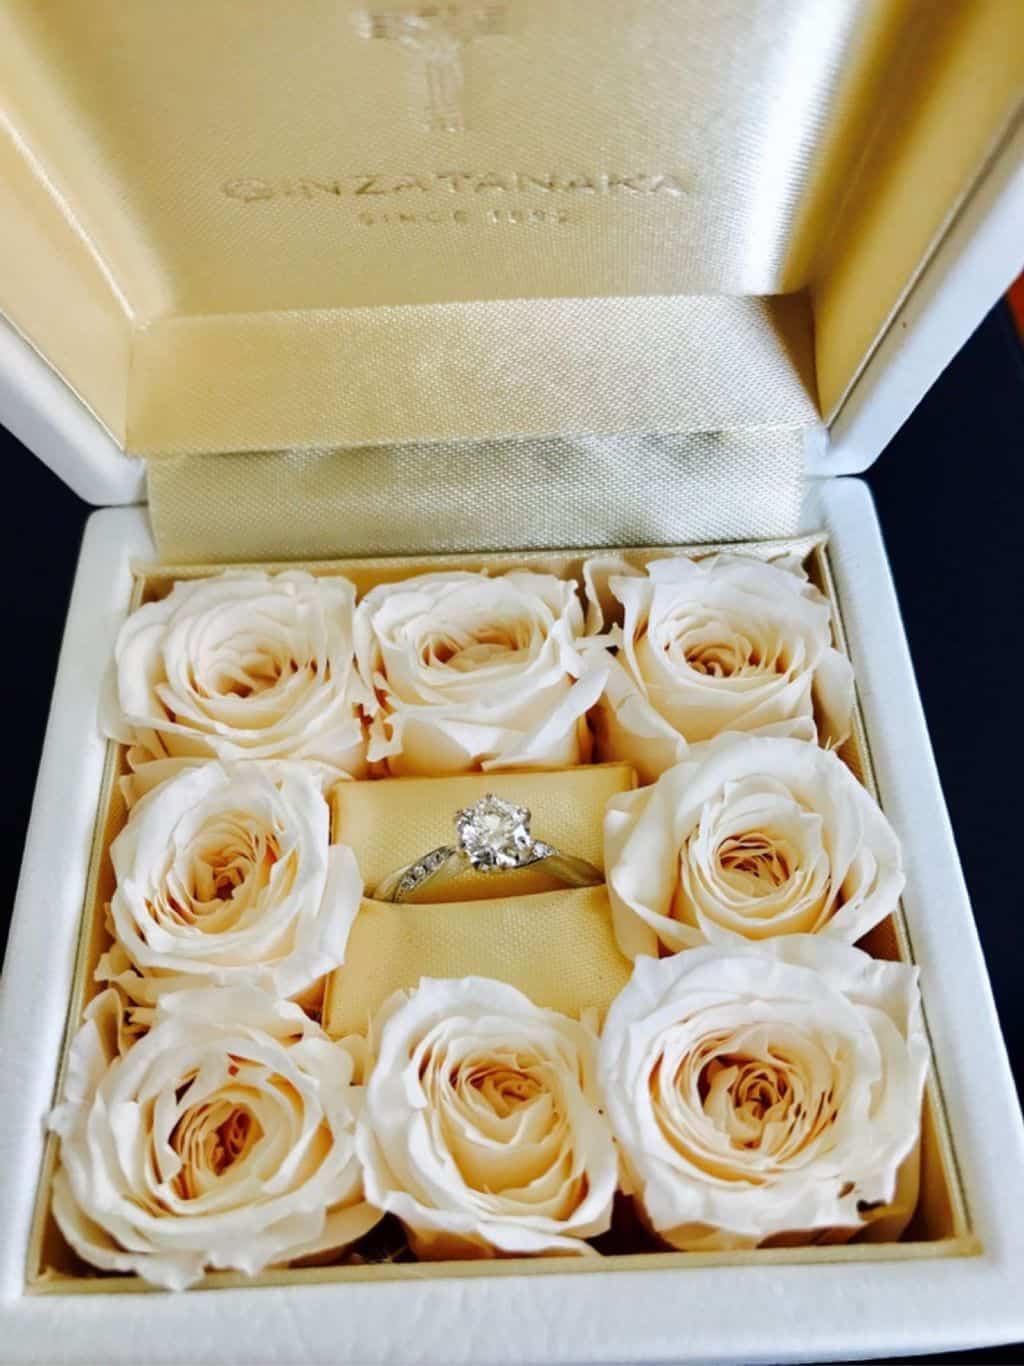 ギンザタナカの結婚指輪*口コミから見えてくる【良質素材】の評判のカバー写真 1.333984375